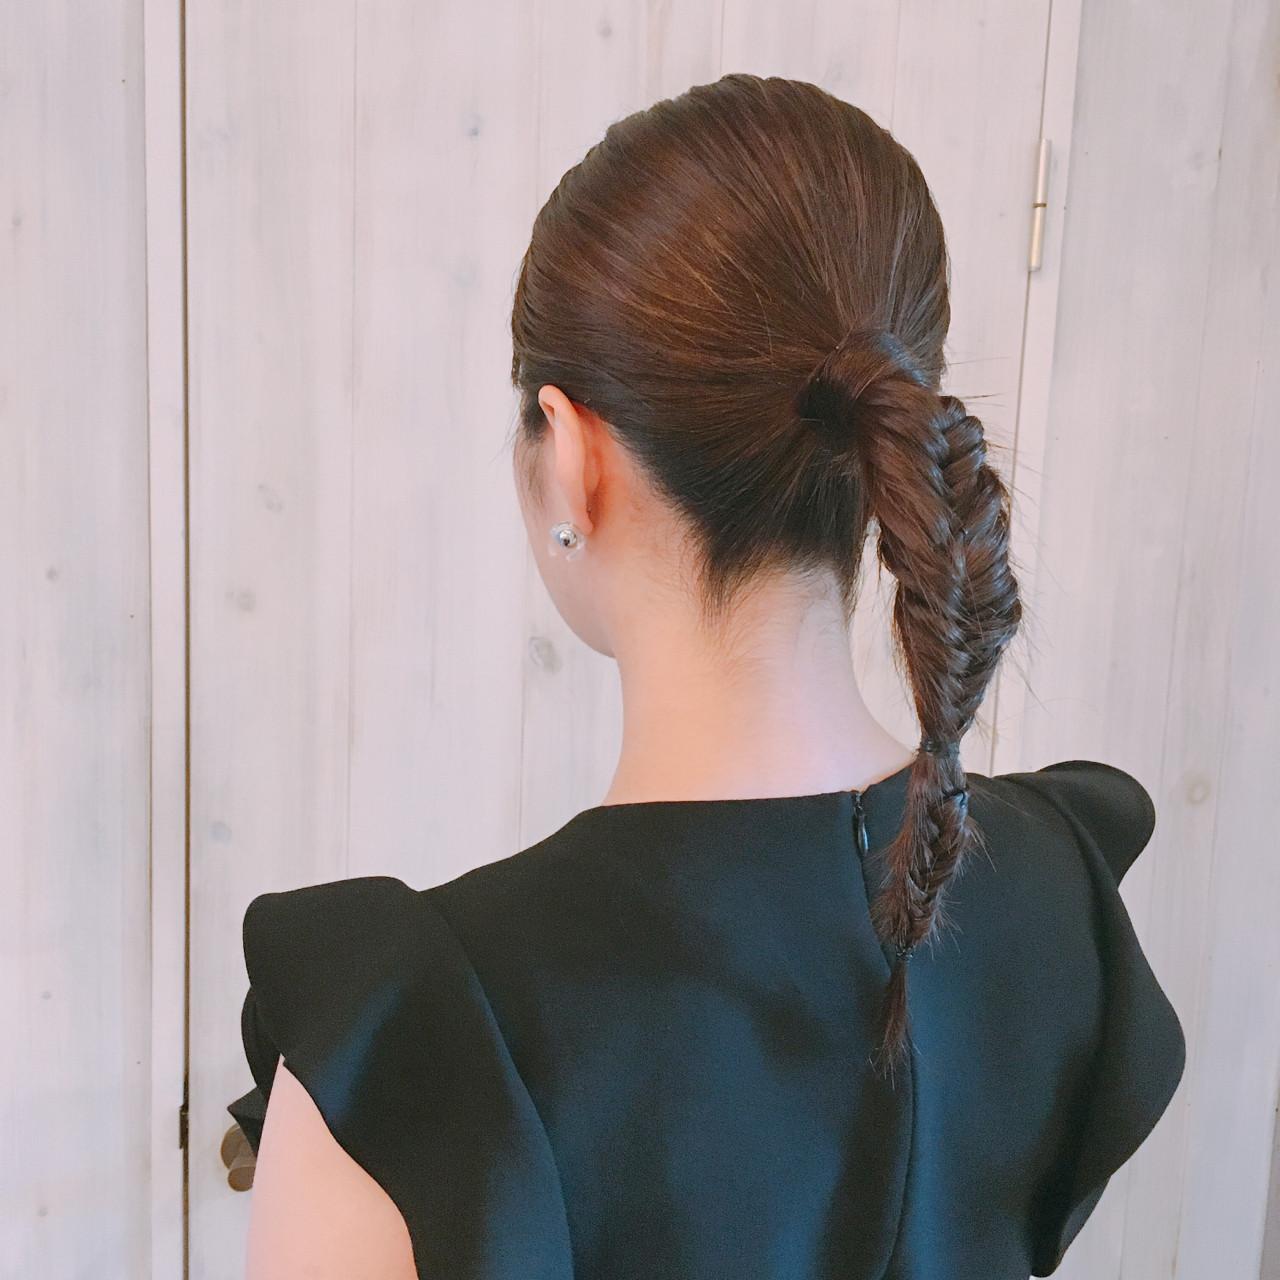 フィッシュボーンのストレートポニーテール♪ 稲垣 嘉乃